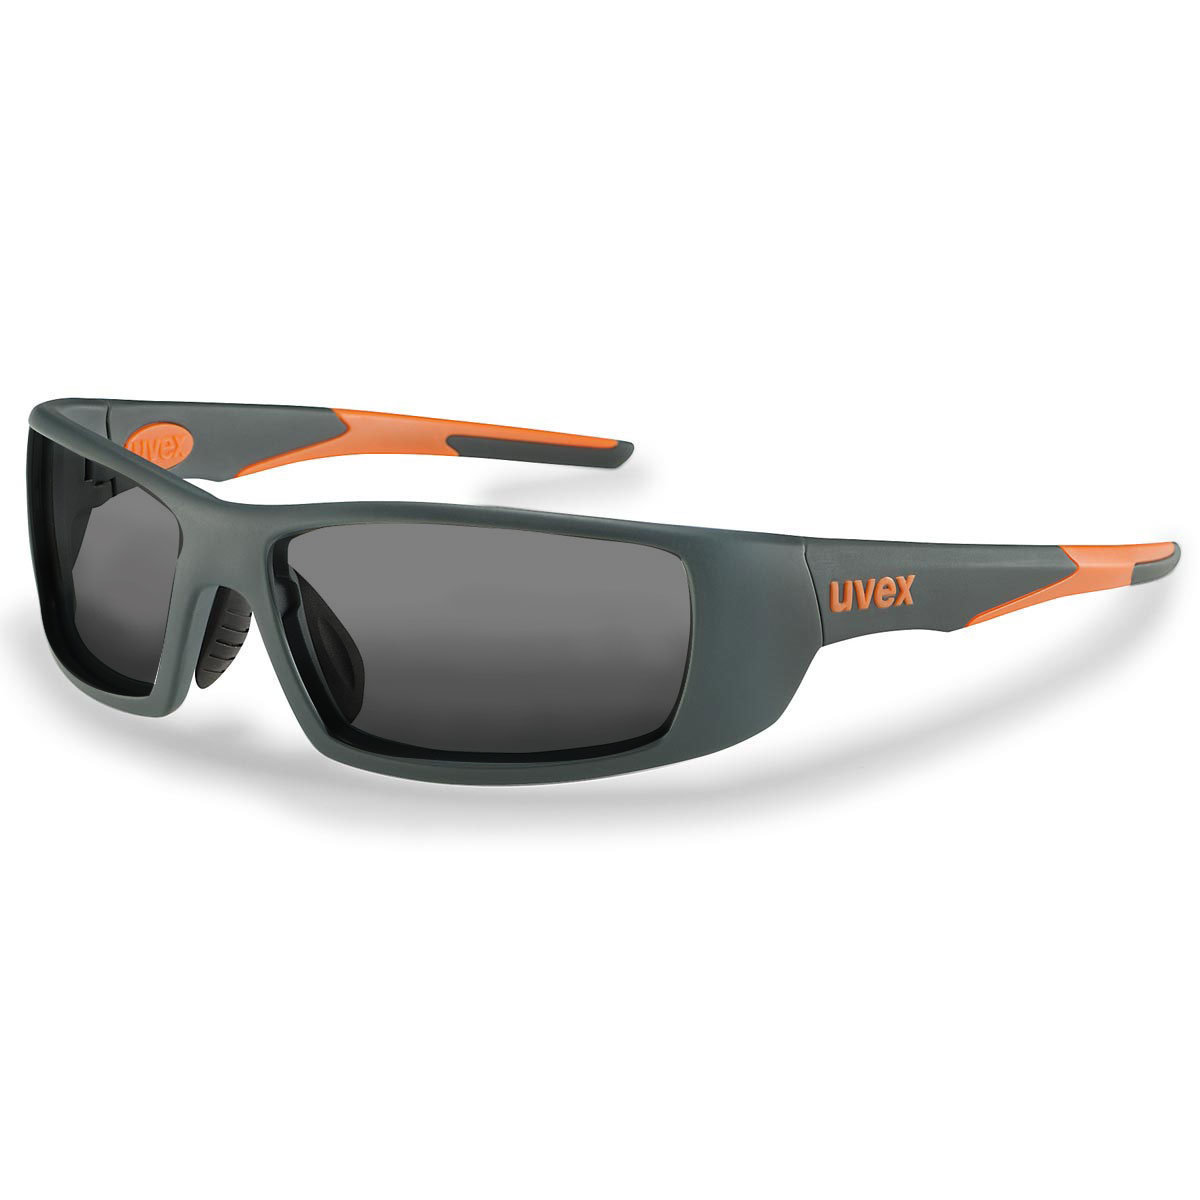 Uvex Korrektionsschutzbrille RX sp 5512 orange - grau getönt